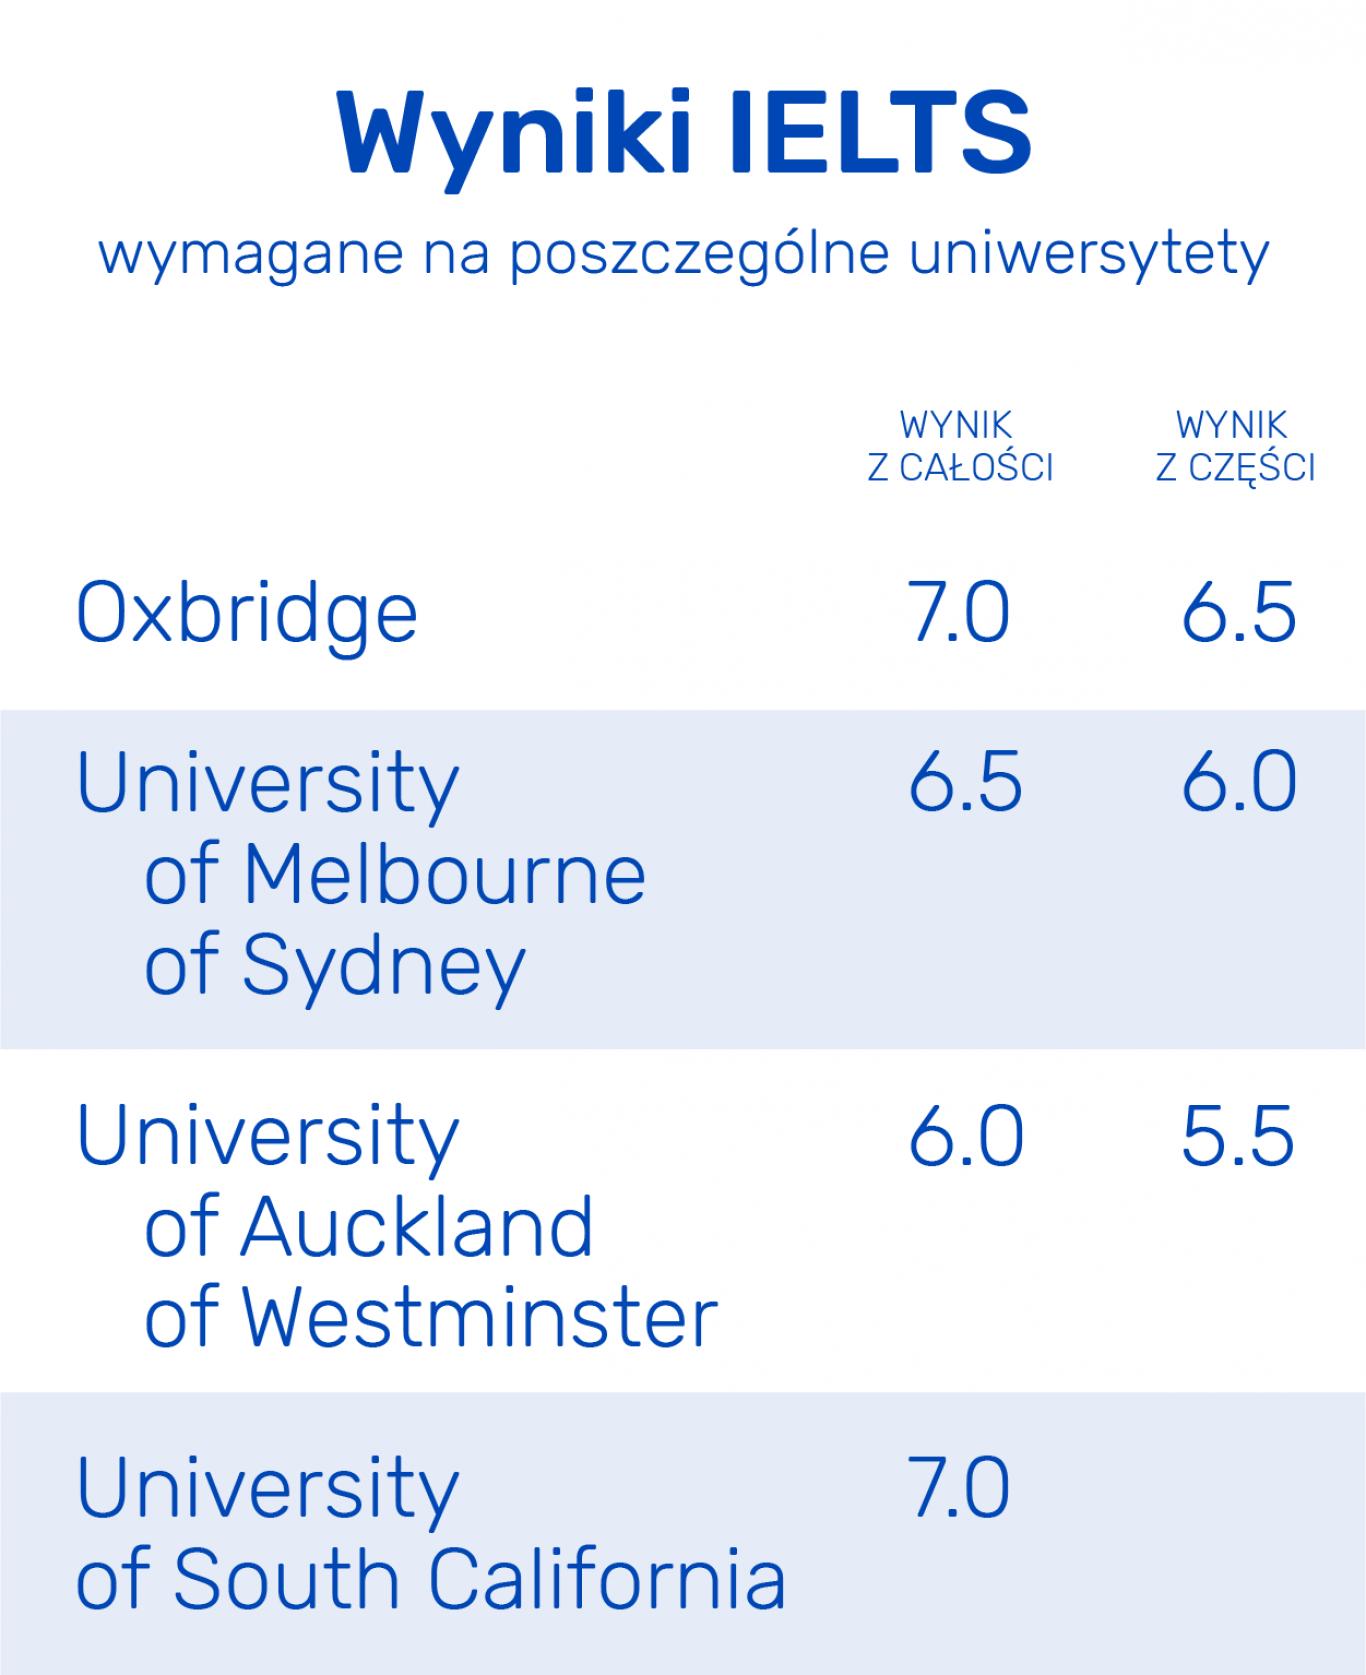 IELTS jest akceptowany przez wiele uczelni na całym świecie